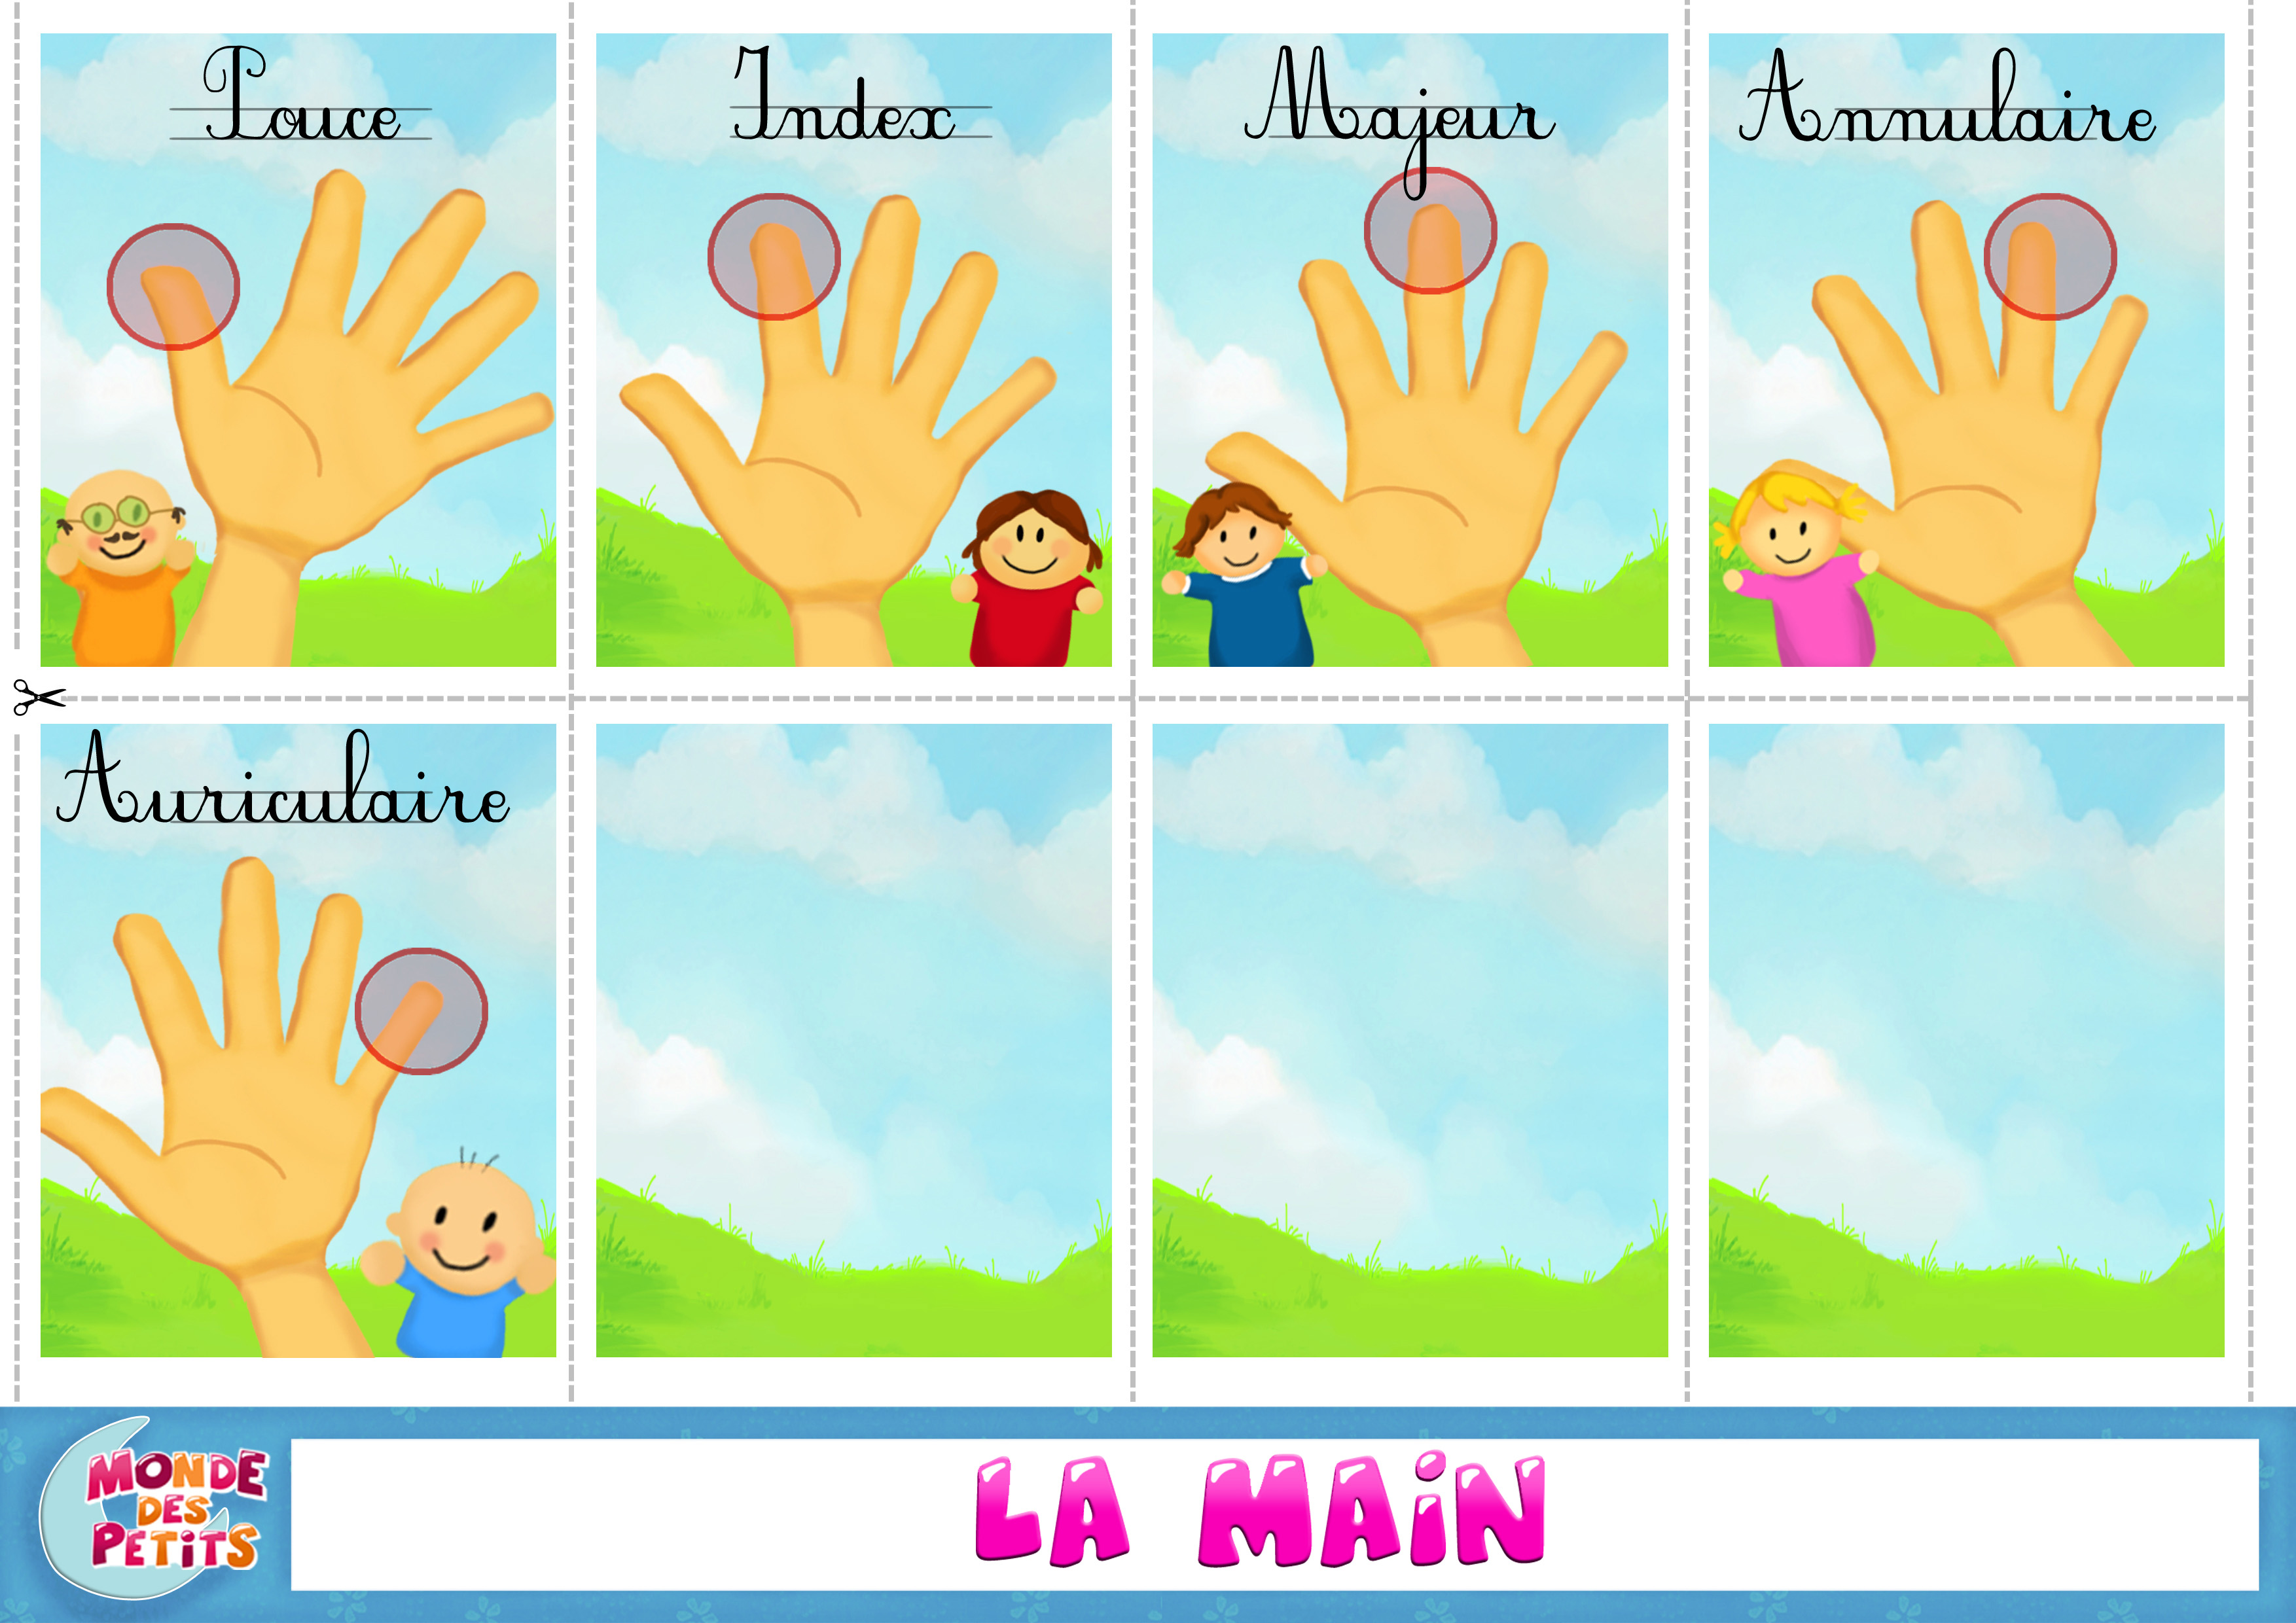 apprendre mainhtt main francais p images apprendre main francais